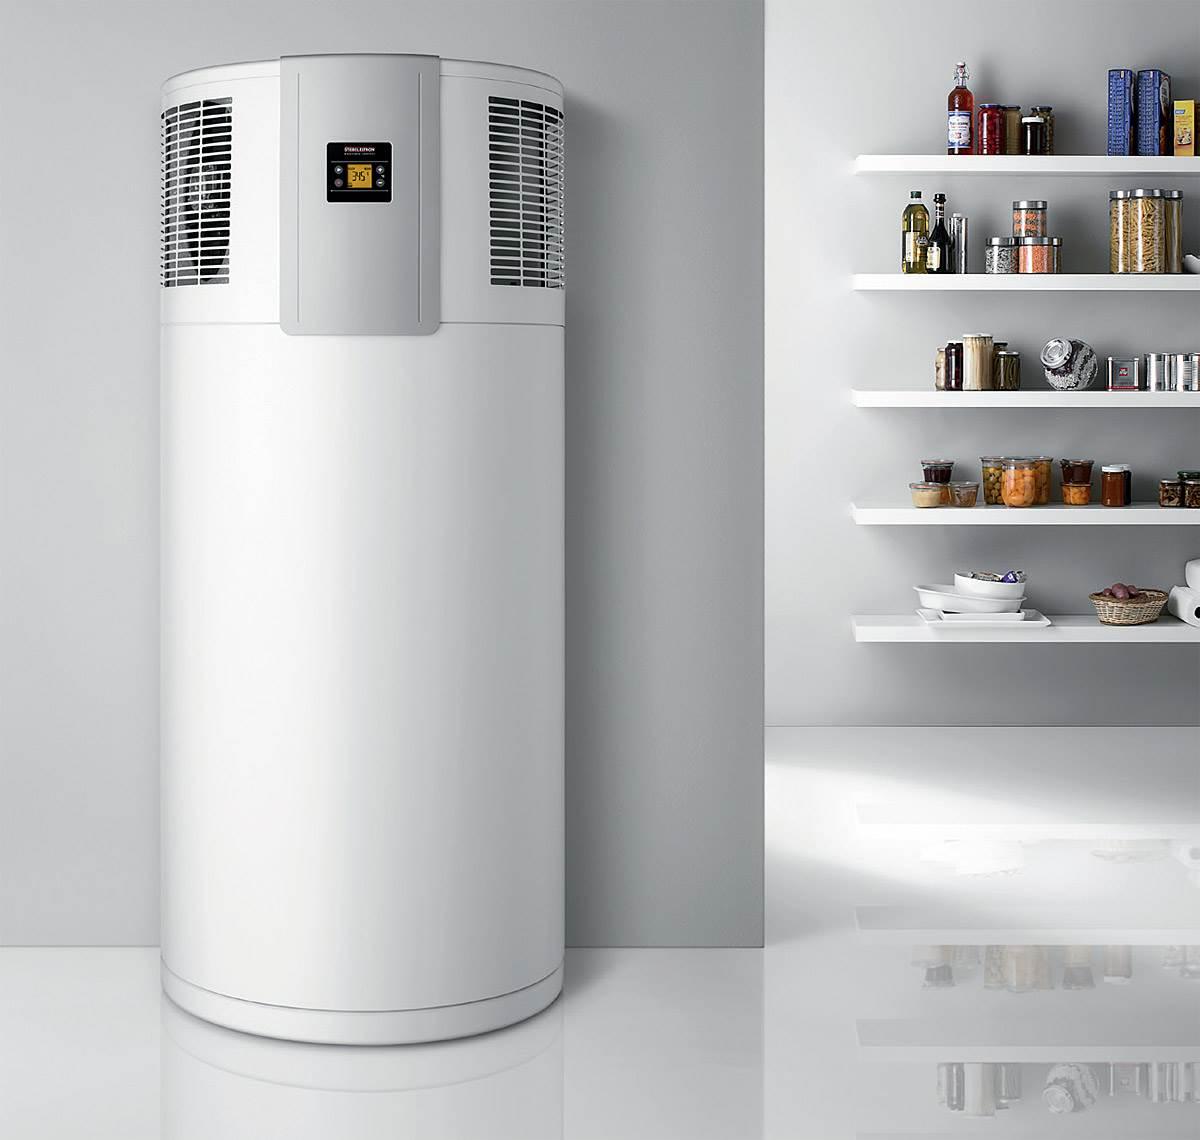 ciepla woda z powietrza 1 - Ciepła woda z powietrza, czyli o powietrznych pompach ciepła do c.w.u.